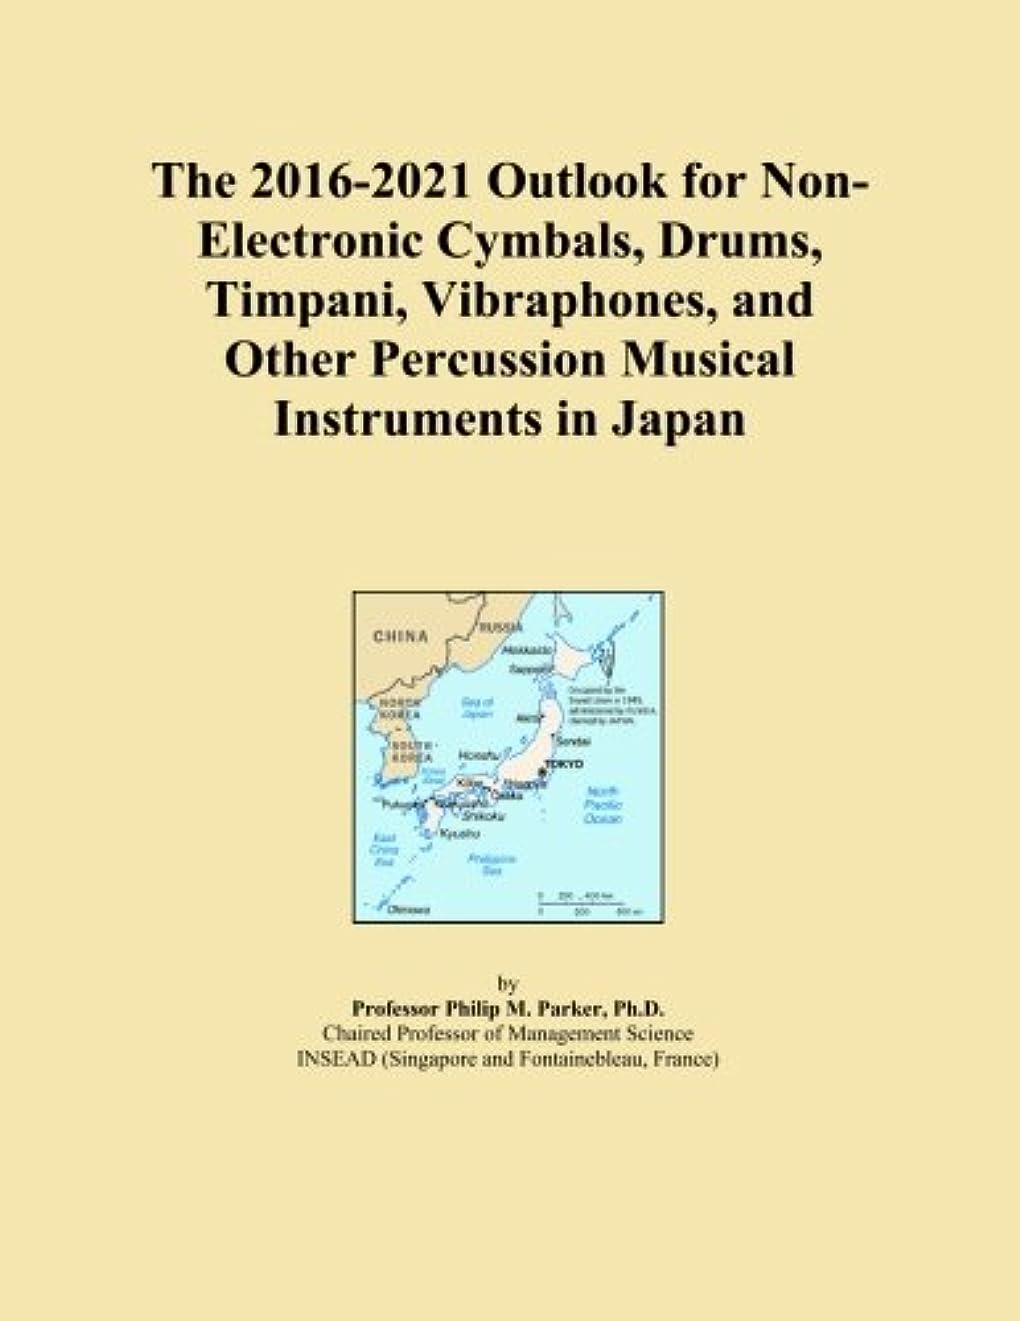 ハンドブック水分高揚したThe 2016-2021 Outlook for Non-Electronic Cymbals, Drums, Timpani, Vibraphones, and Other Percussion Musical Instruments in Japan